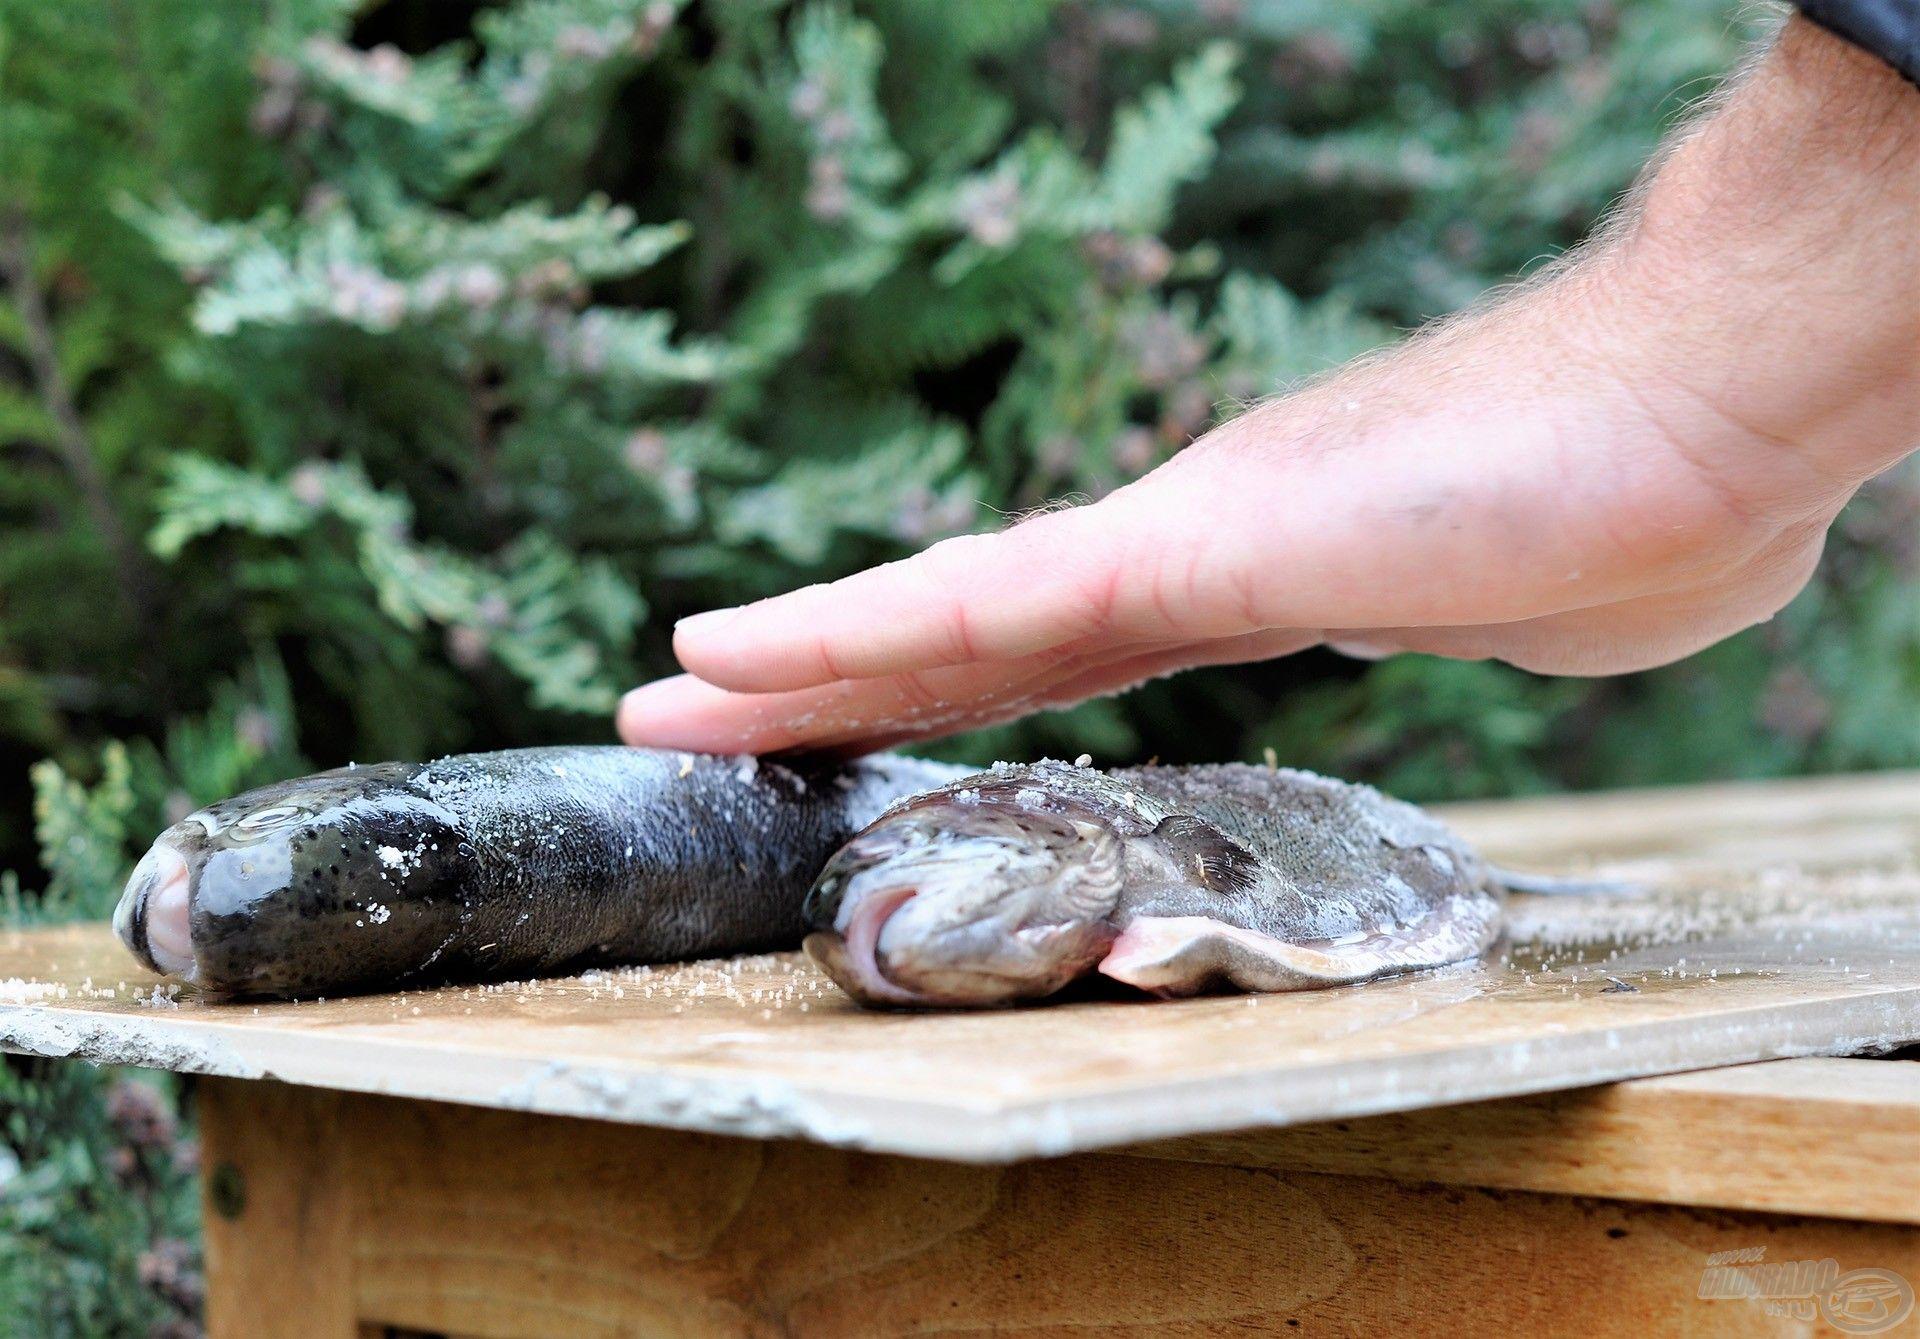 Az ízesítés fűszeres sóval történik: a halak bőrét és hasüregét szórjuk-dörzsöljük be vele